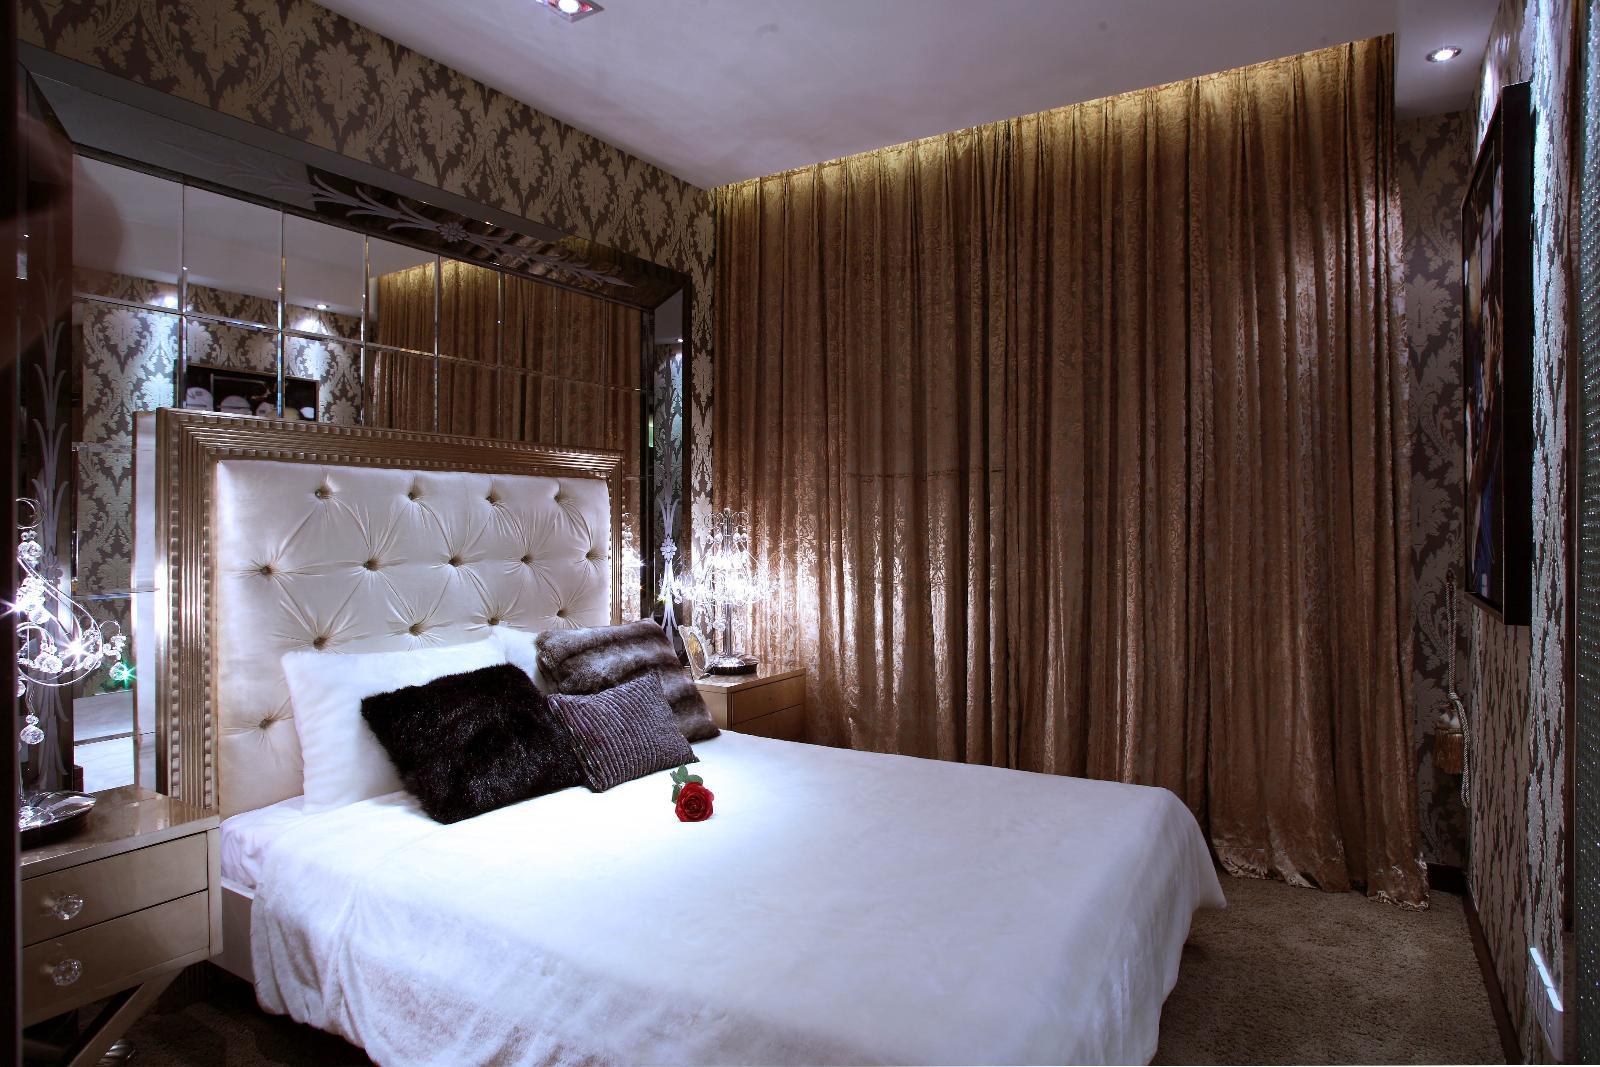 背景墙 房间 家居 酒店 设计 卧室 卧室装修 现代 装修 1600_1067图片